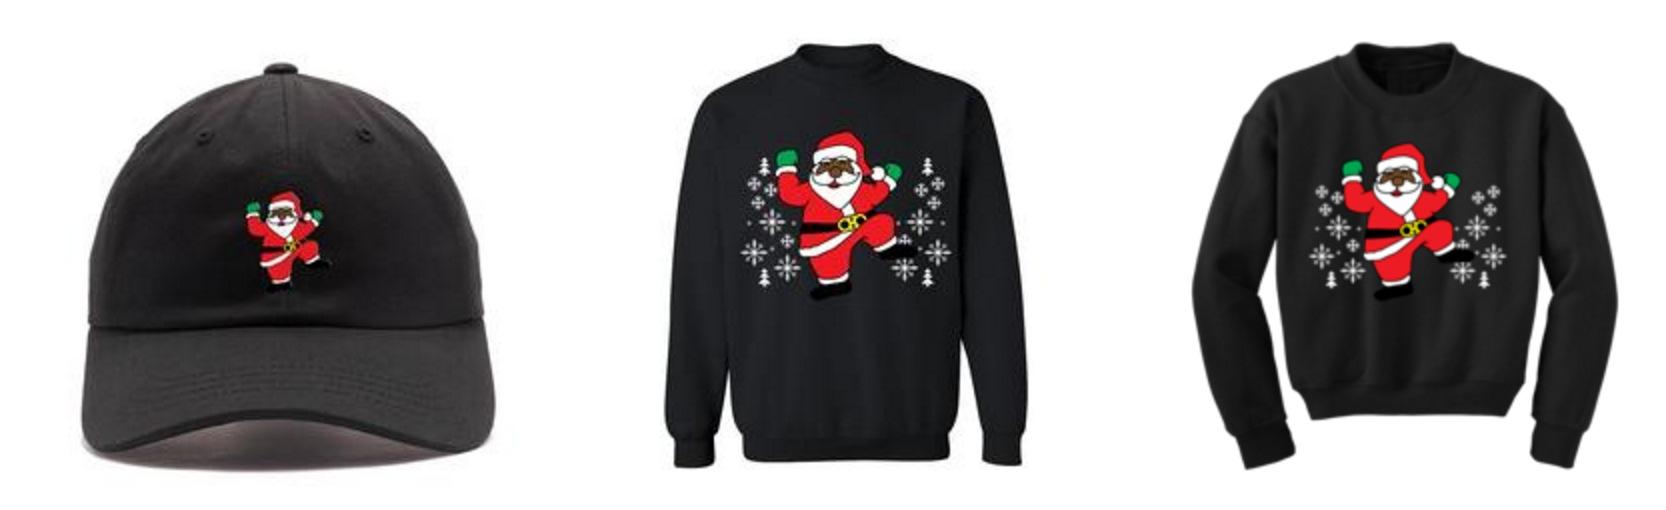 2 Chainz sweaters